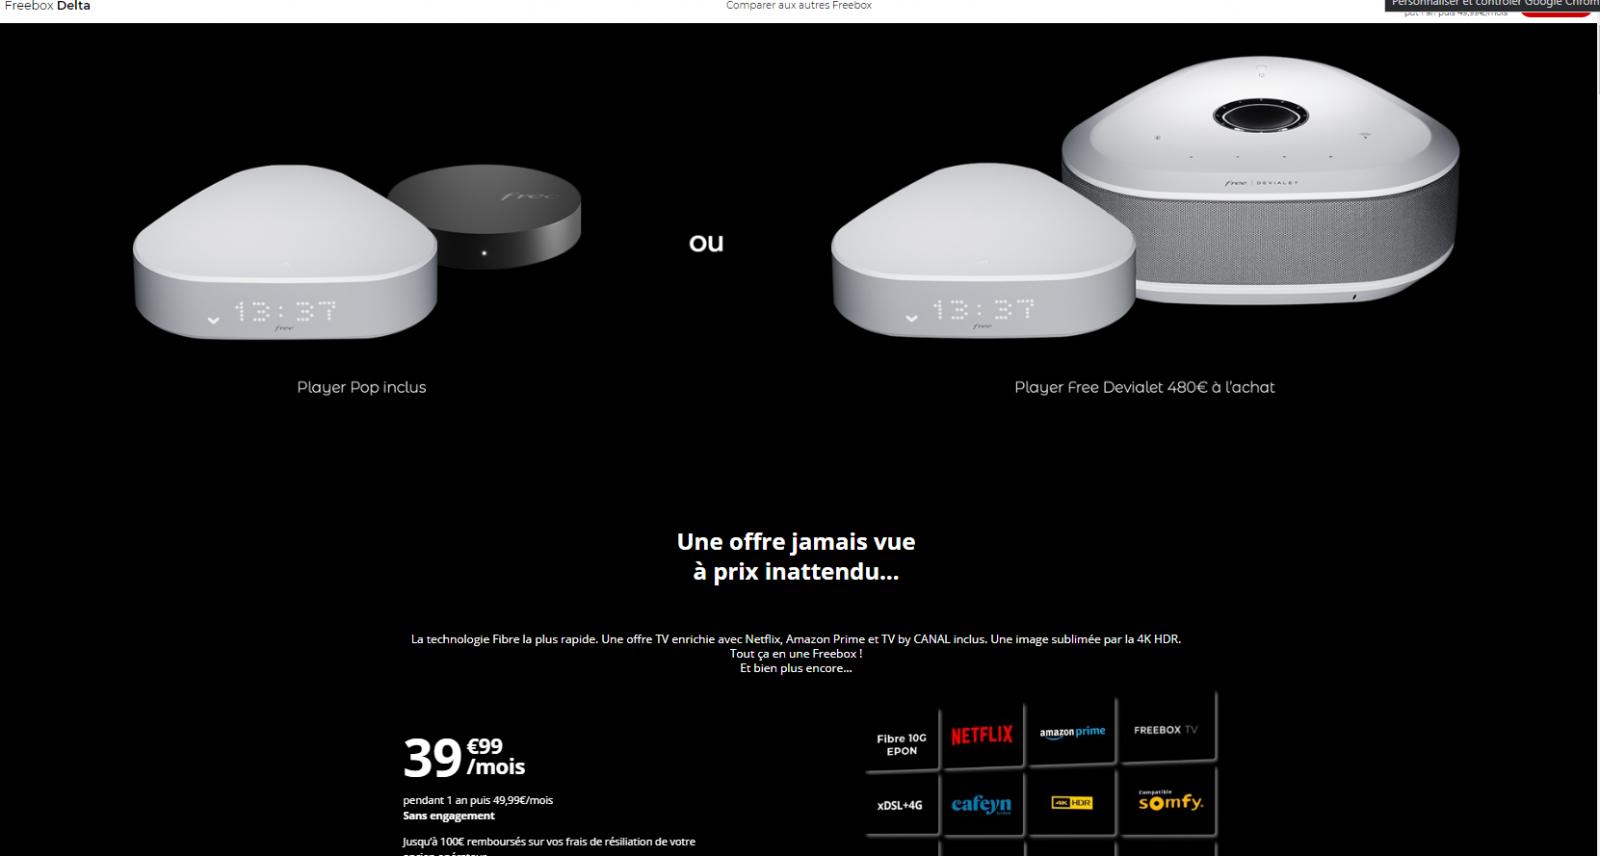 Nouveau Modele Commercial Pour La Freebox Delta Qui Beneficie D Un Tarif Preferentiel La Premiere Annee